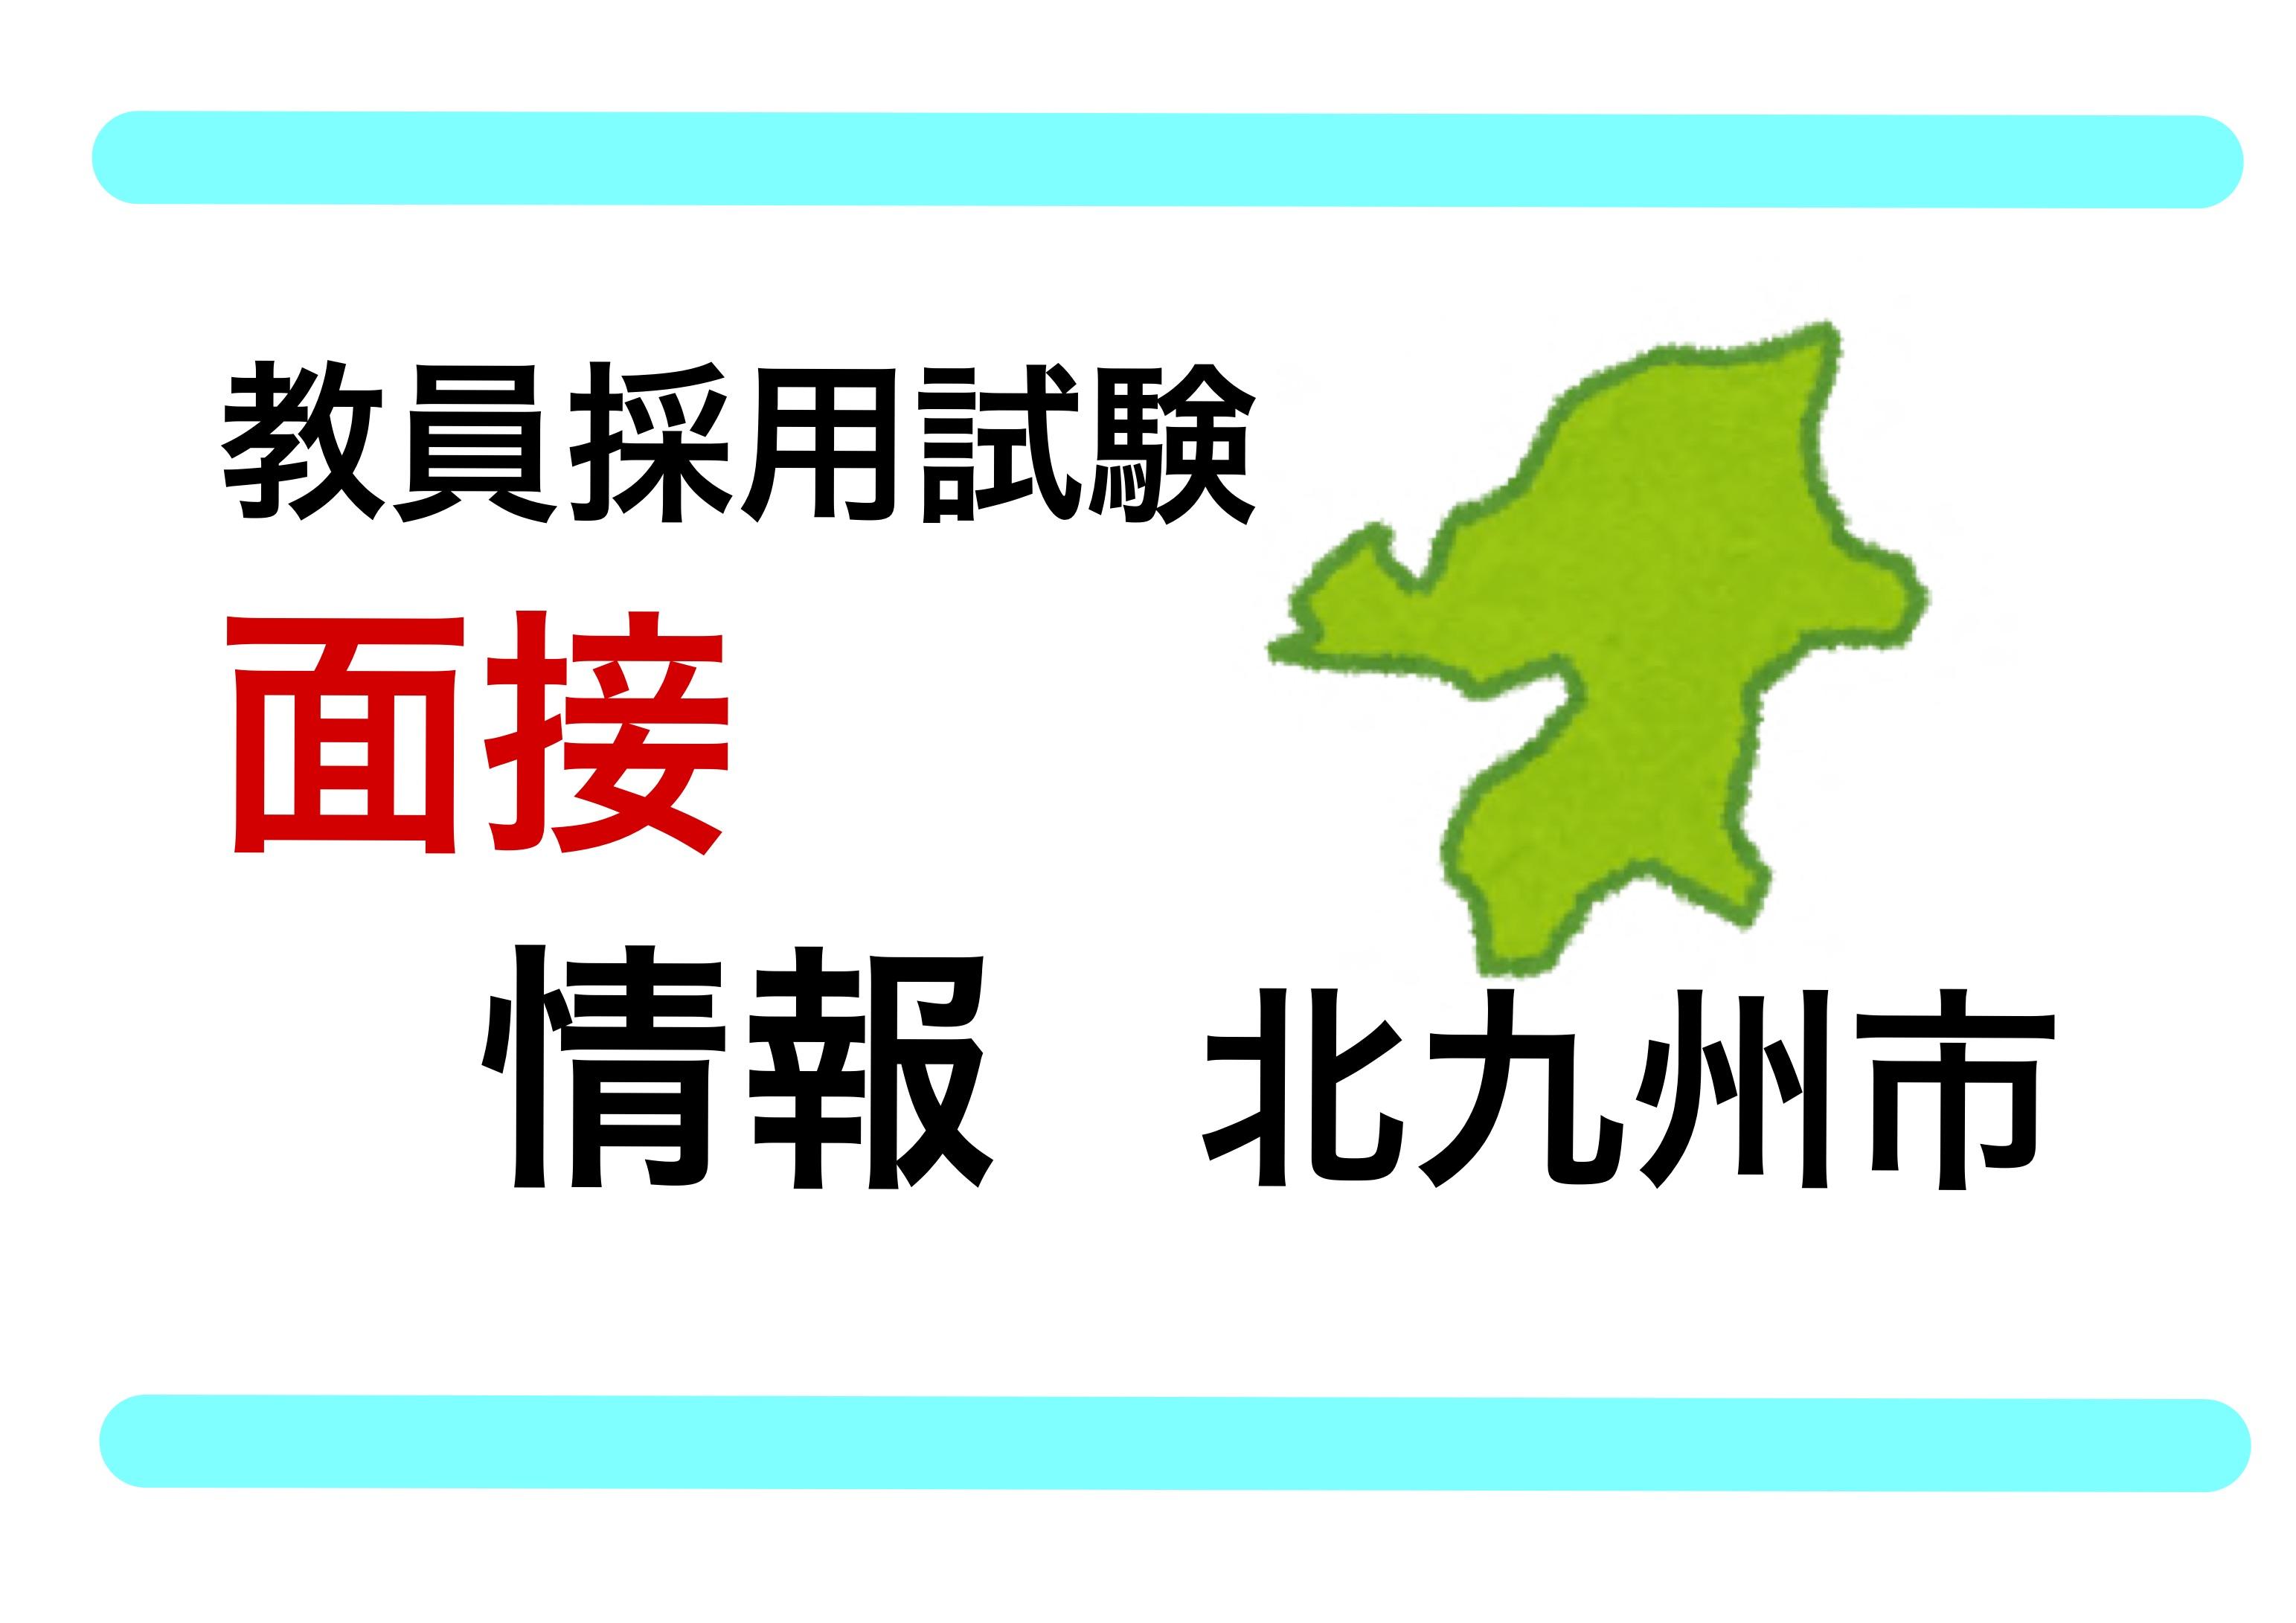 採用 教員 試験 市 北九州